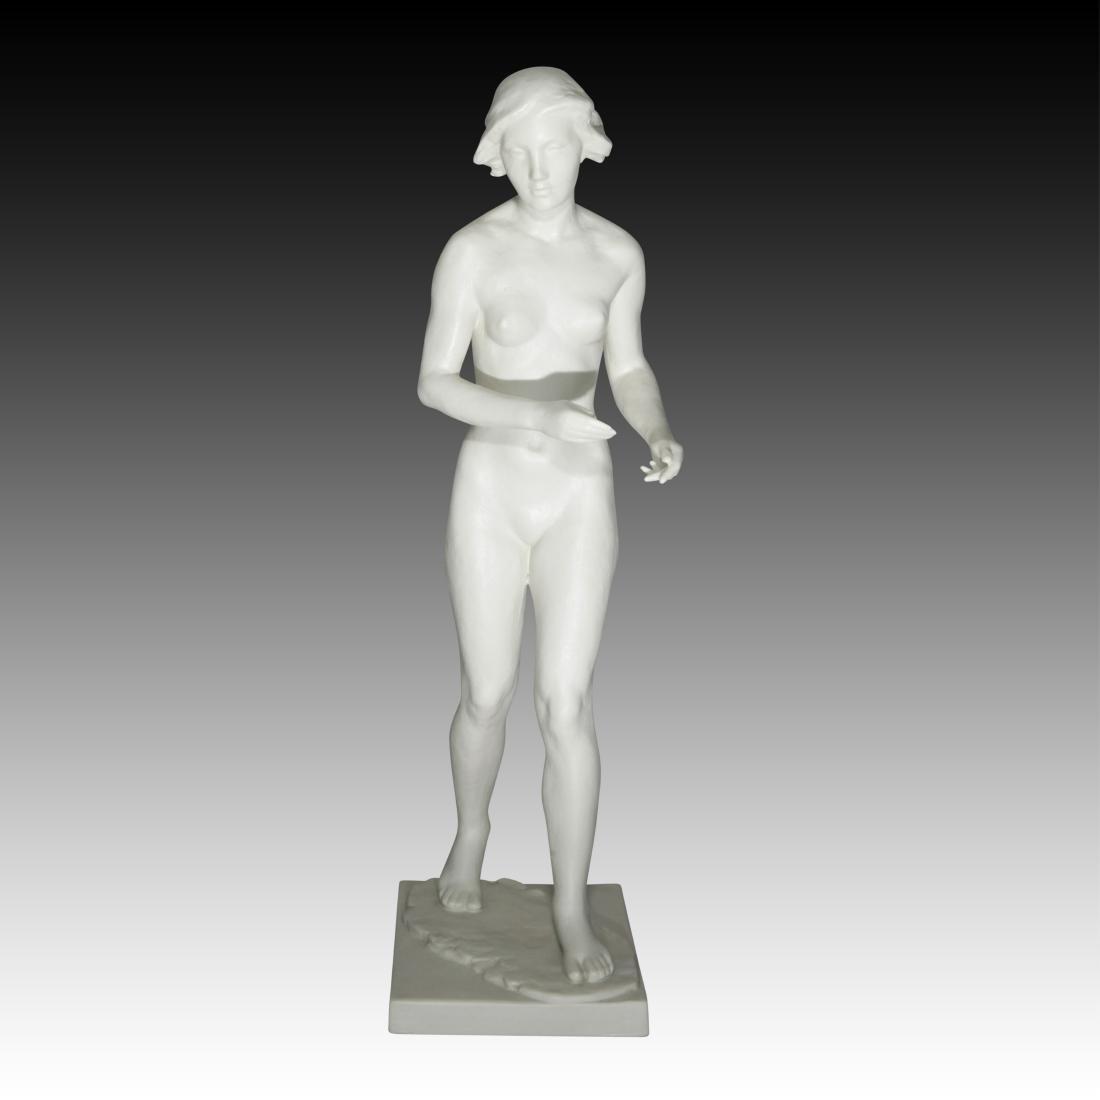 Rosenthal Nude Female Figure Walking Figurine